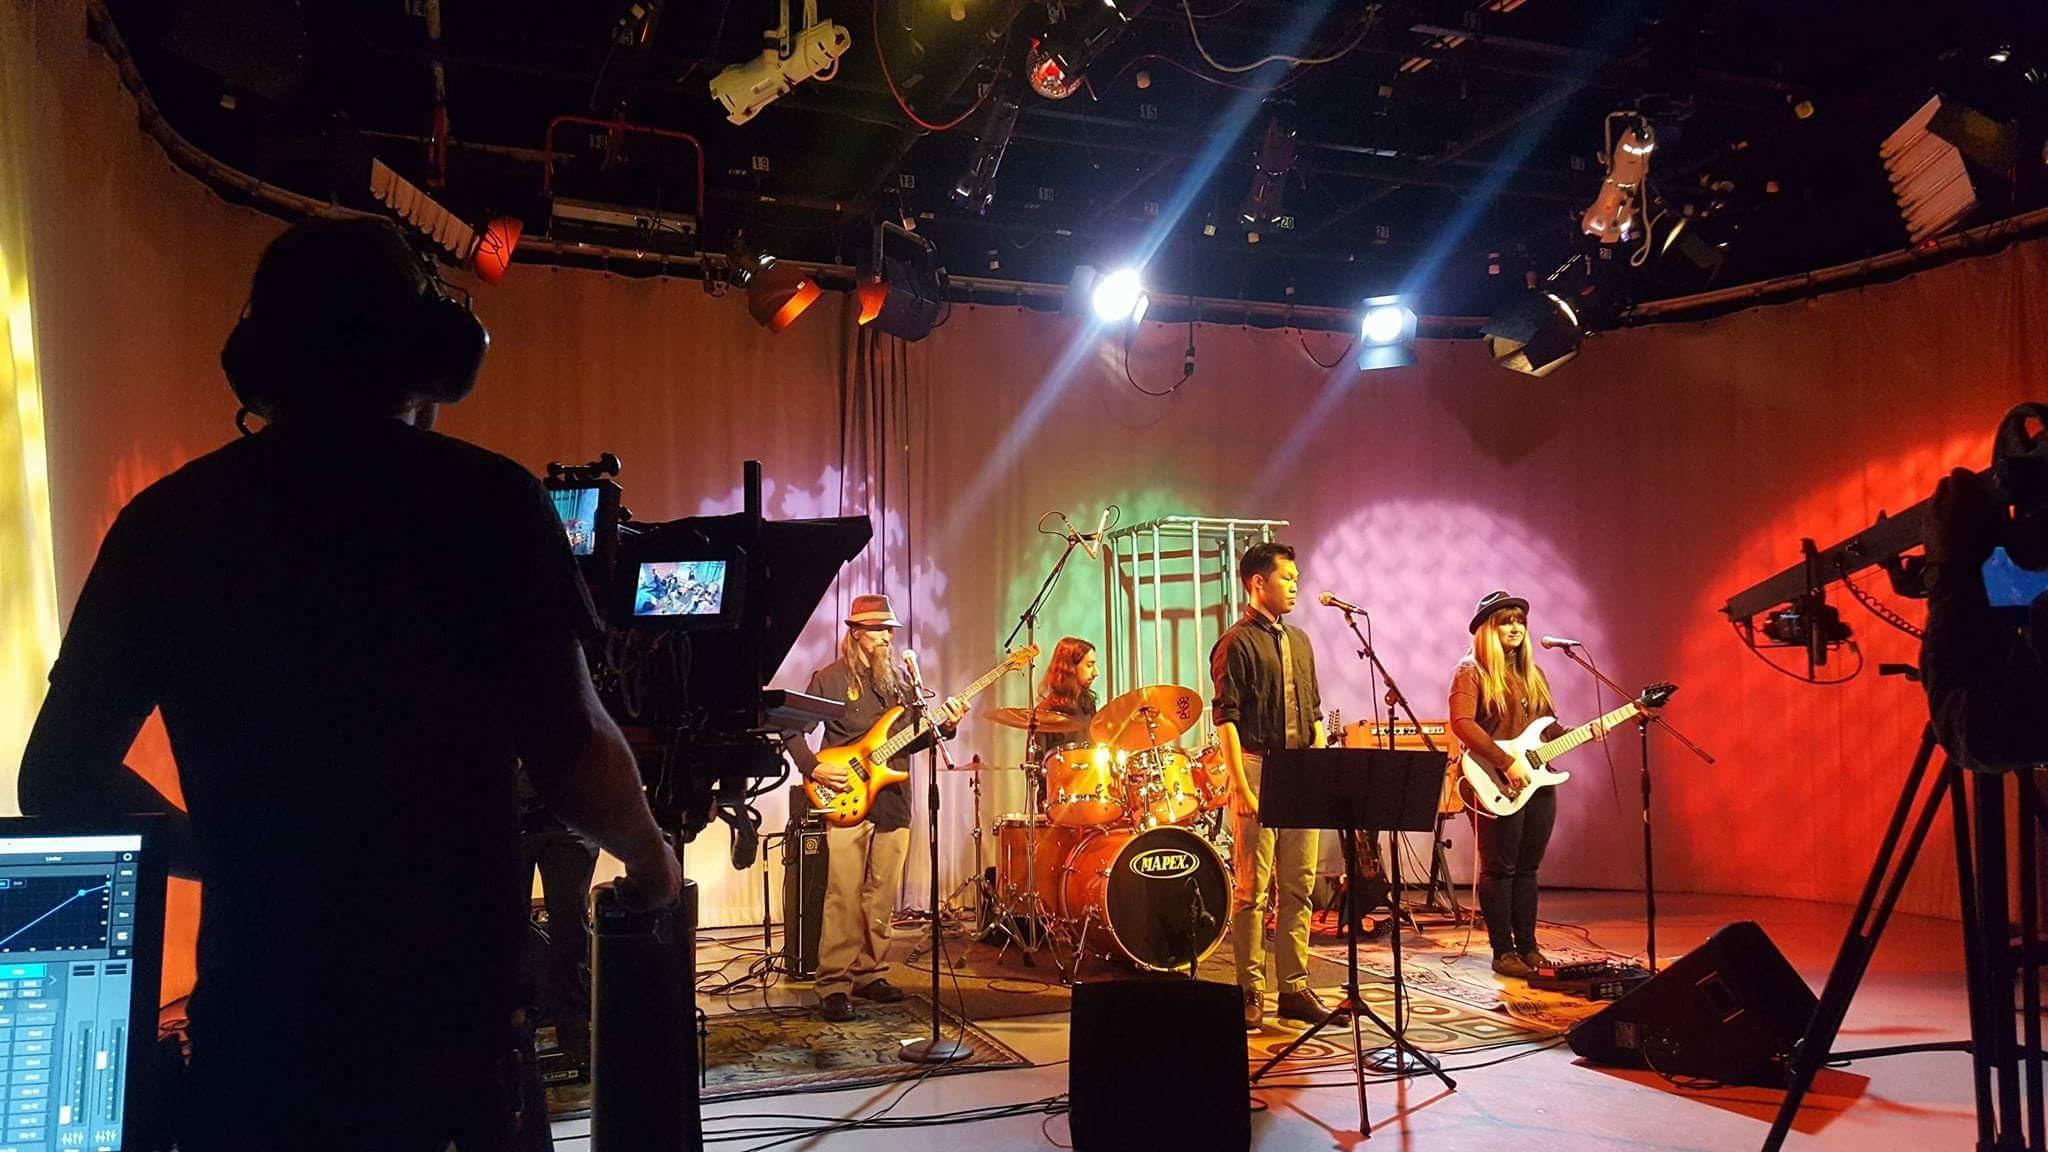 COP live on KMVT